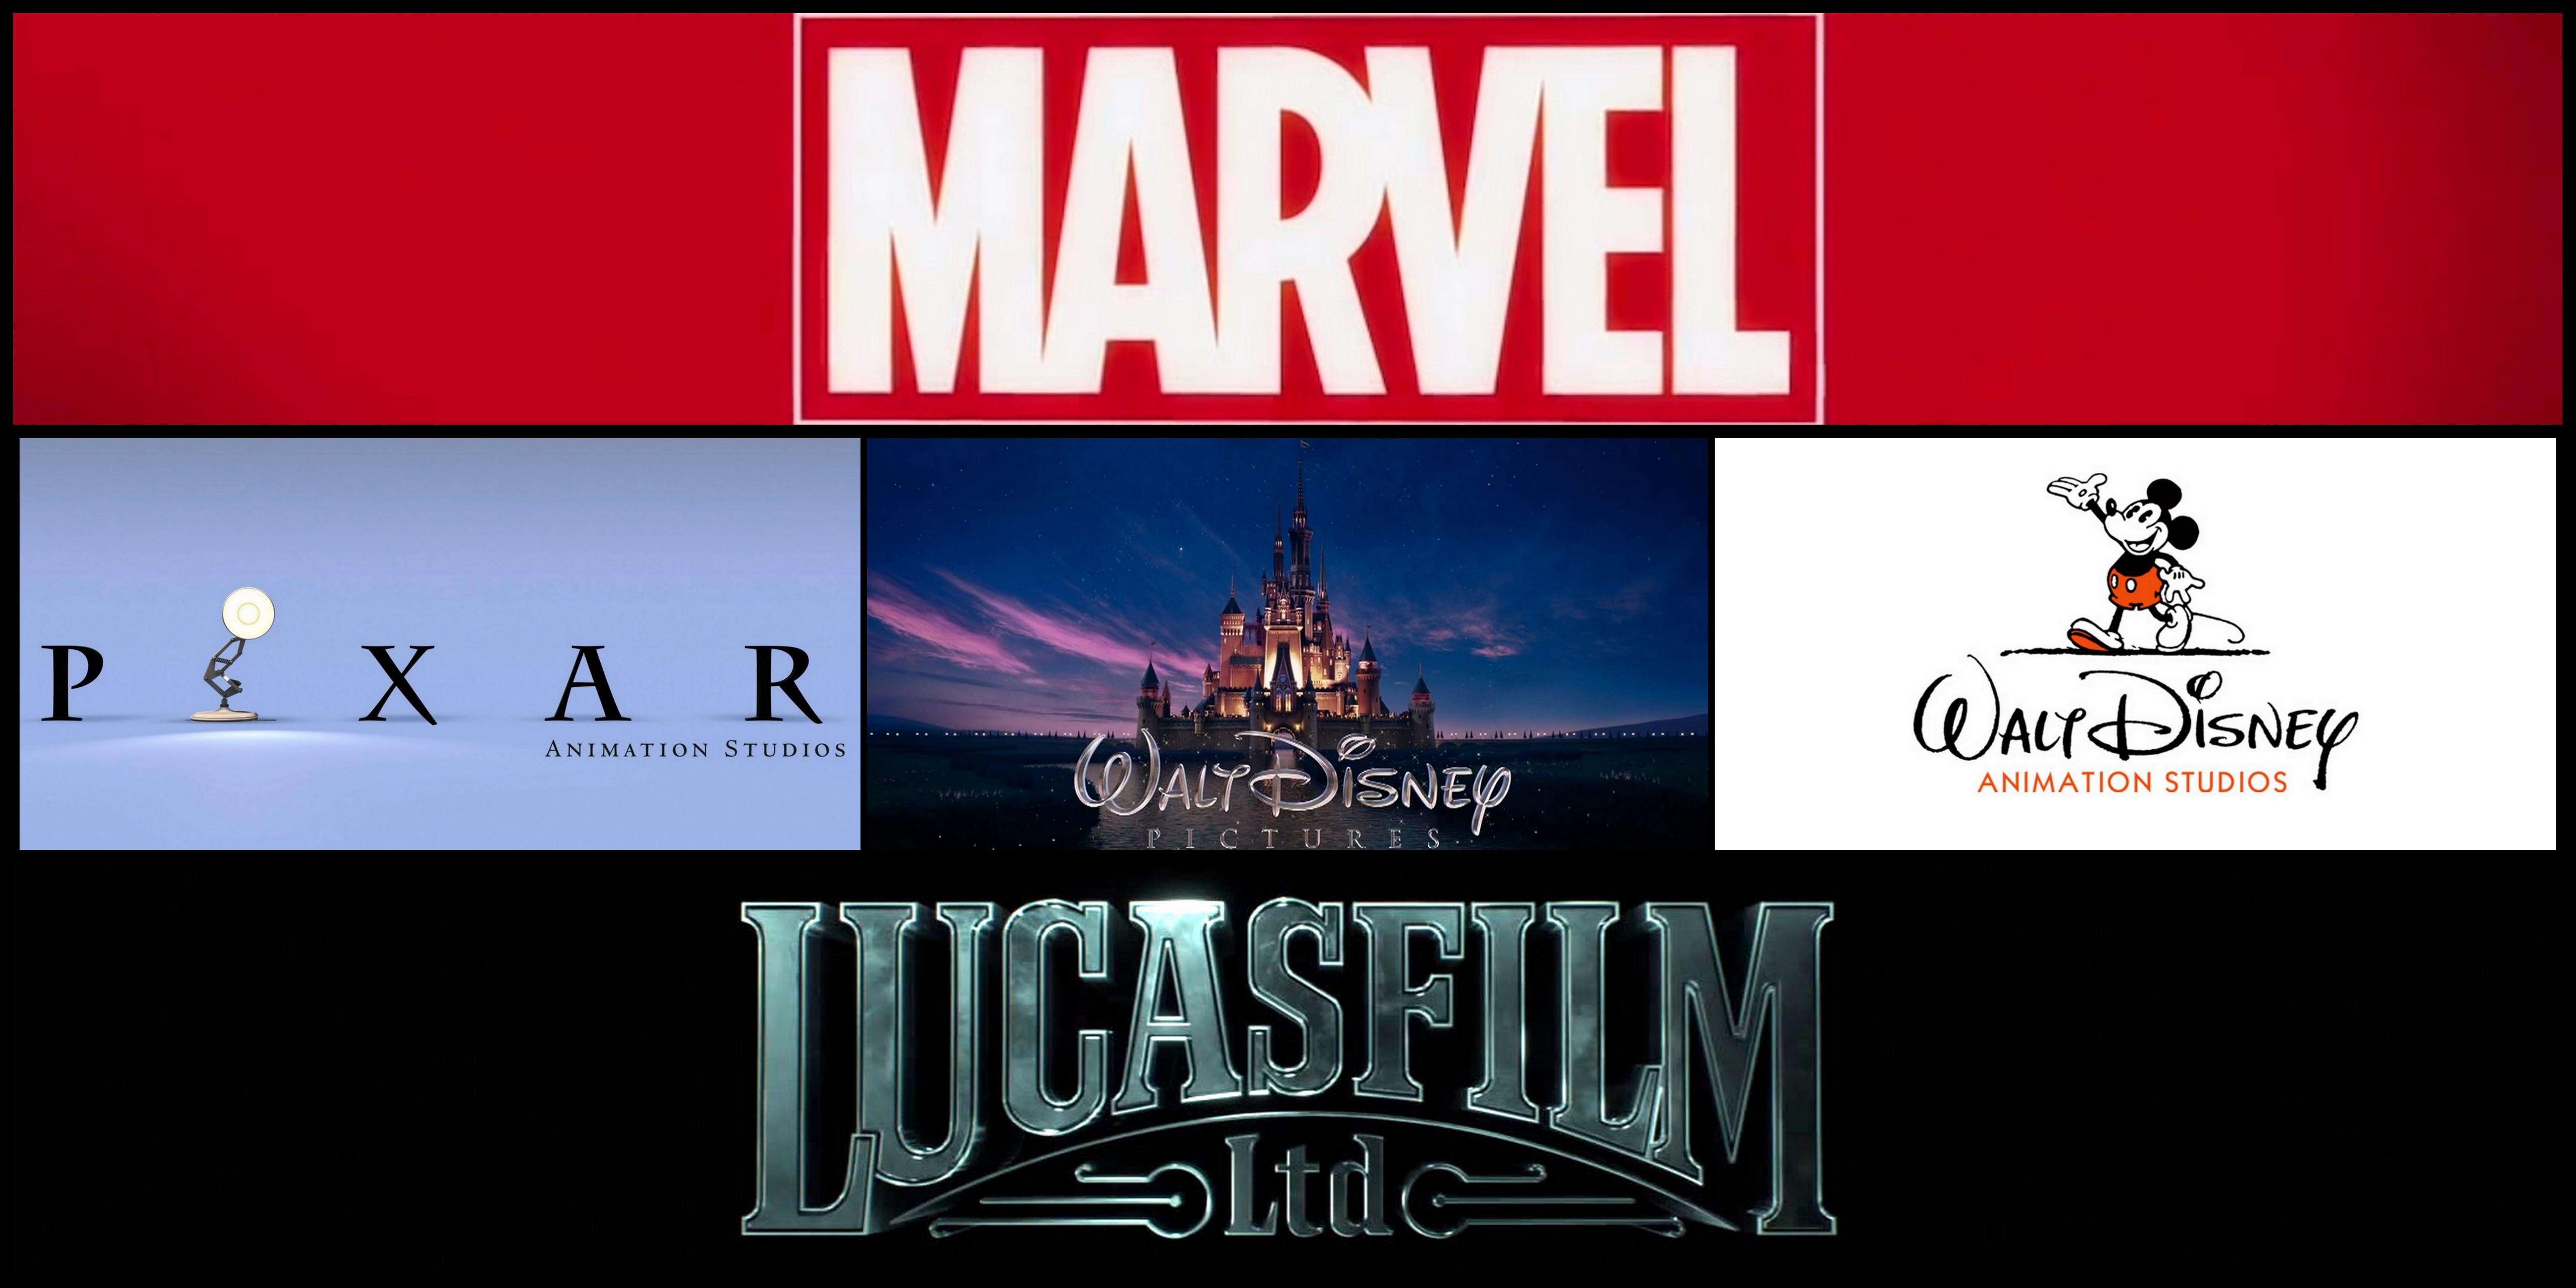 Les Studios Walt Disney Atteingnent Le 7 Milliards Au Box Office